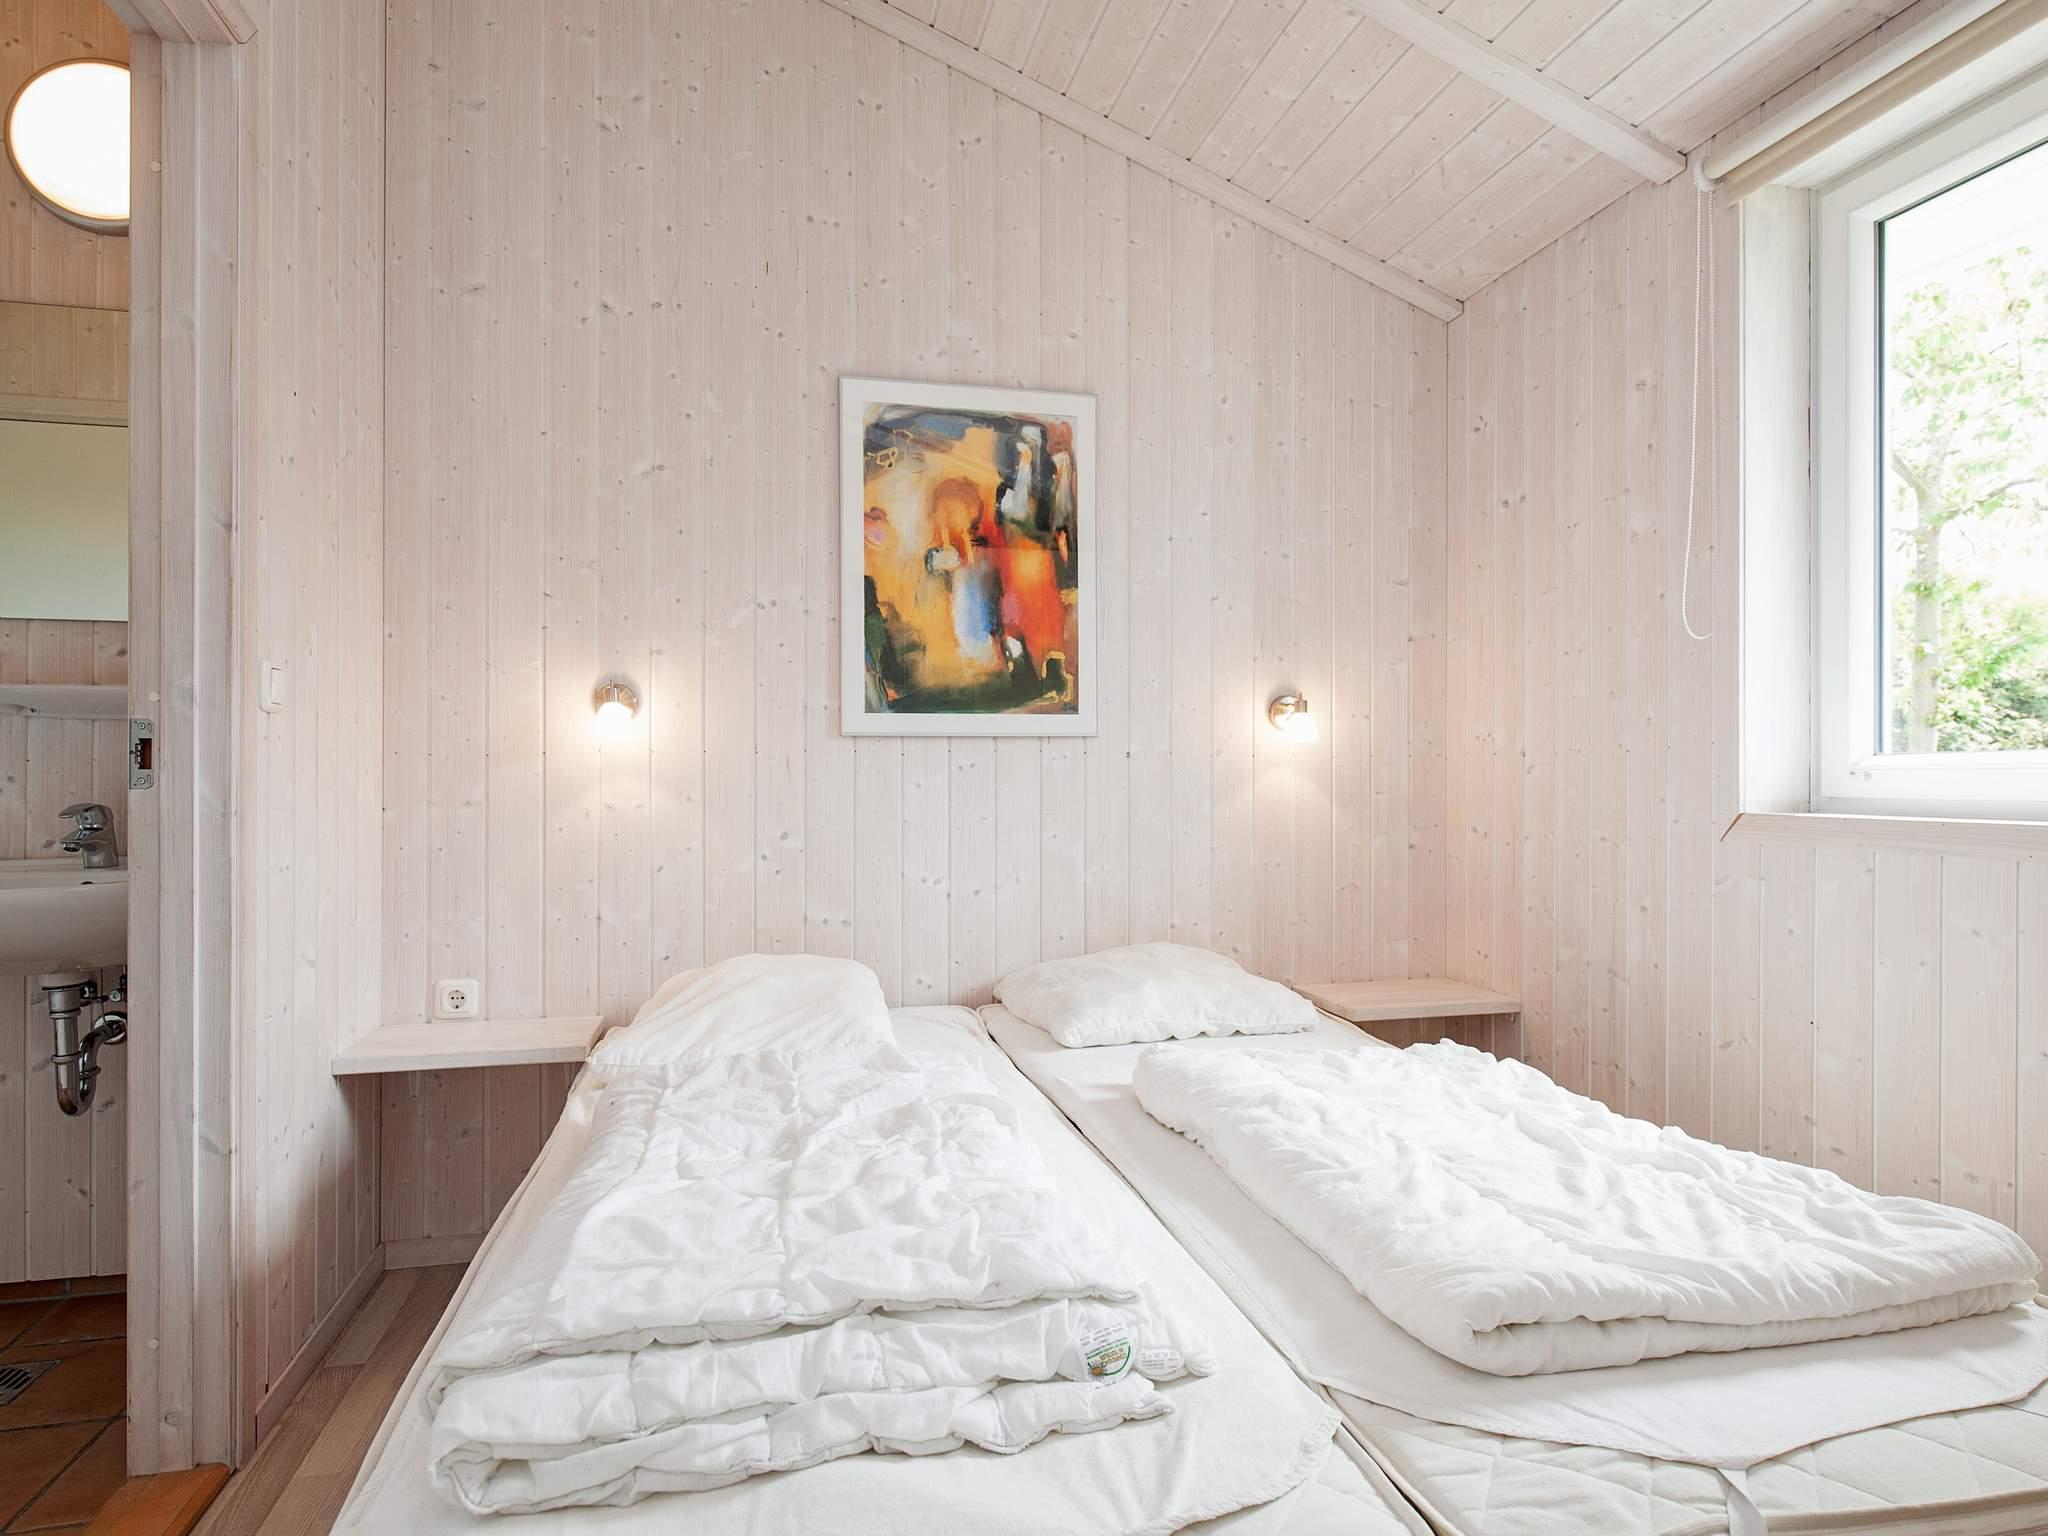 Maison de vacances Grömitz (436444), Grömitz, Baie de Lübeck, Schleswig-Holstein, Allemagne, image 8